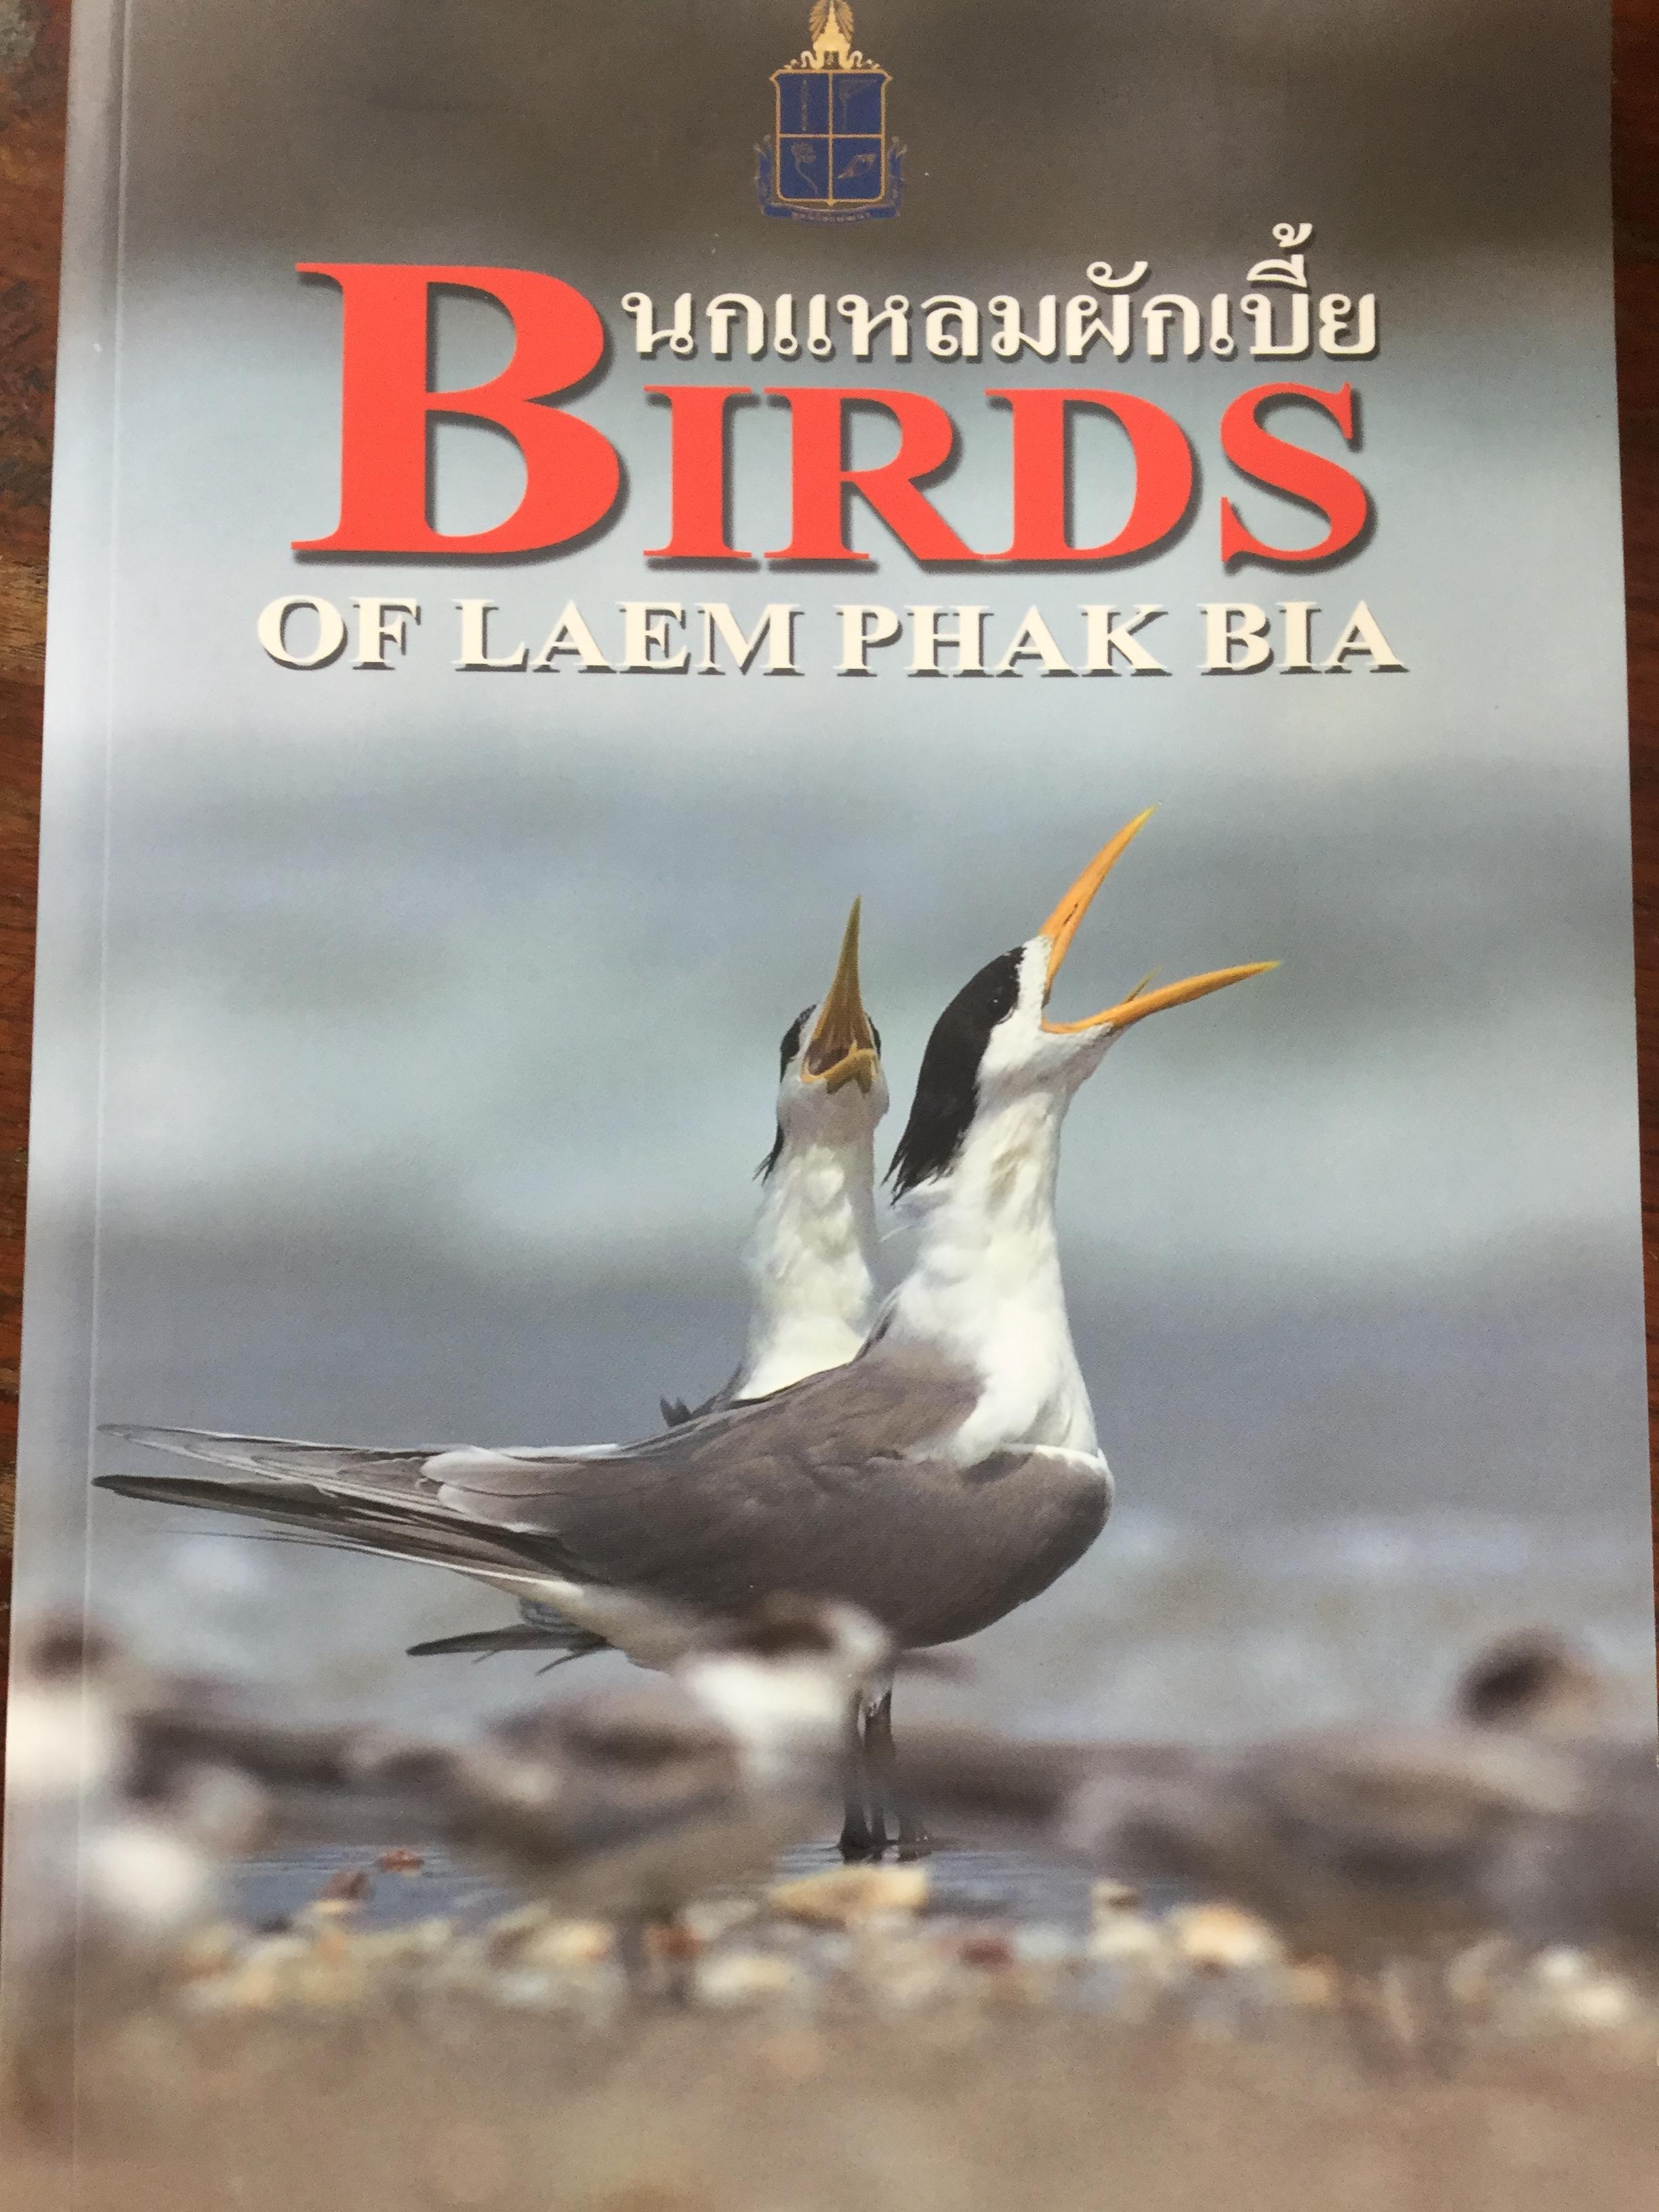 นกแหลมผักเบี้ย. Birds of LAEM PHAK BIA. ผู้เขียน Philip D.Round และ วิเชียร คงทอง